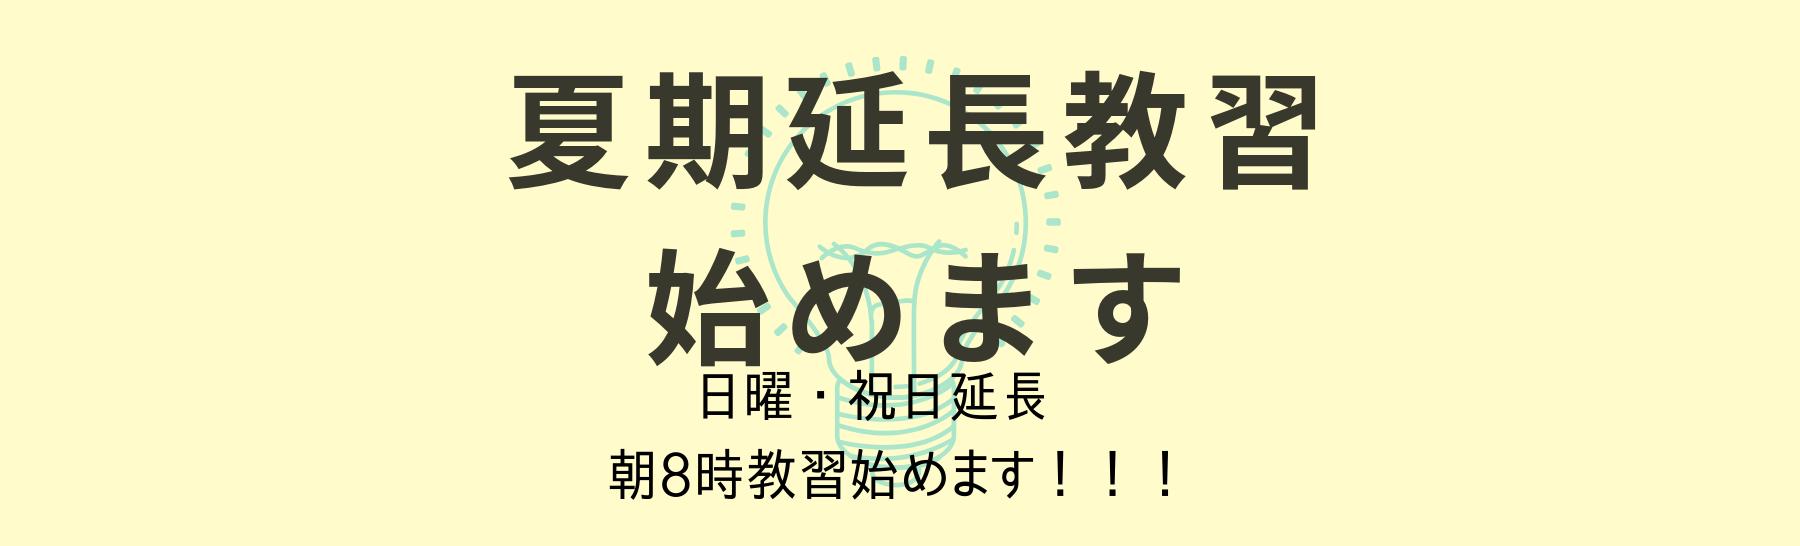 7月下旬より夏期延長教習を始めます!!!お早目のお手続き・ご予約を!